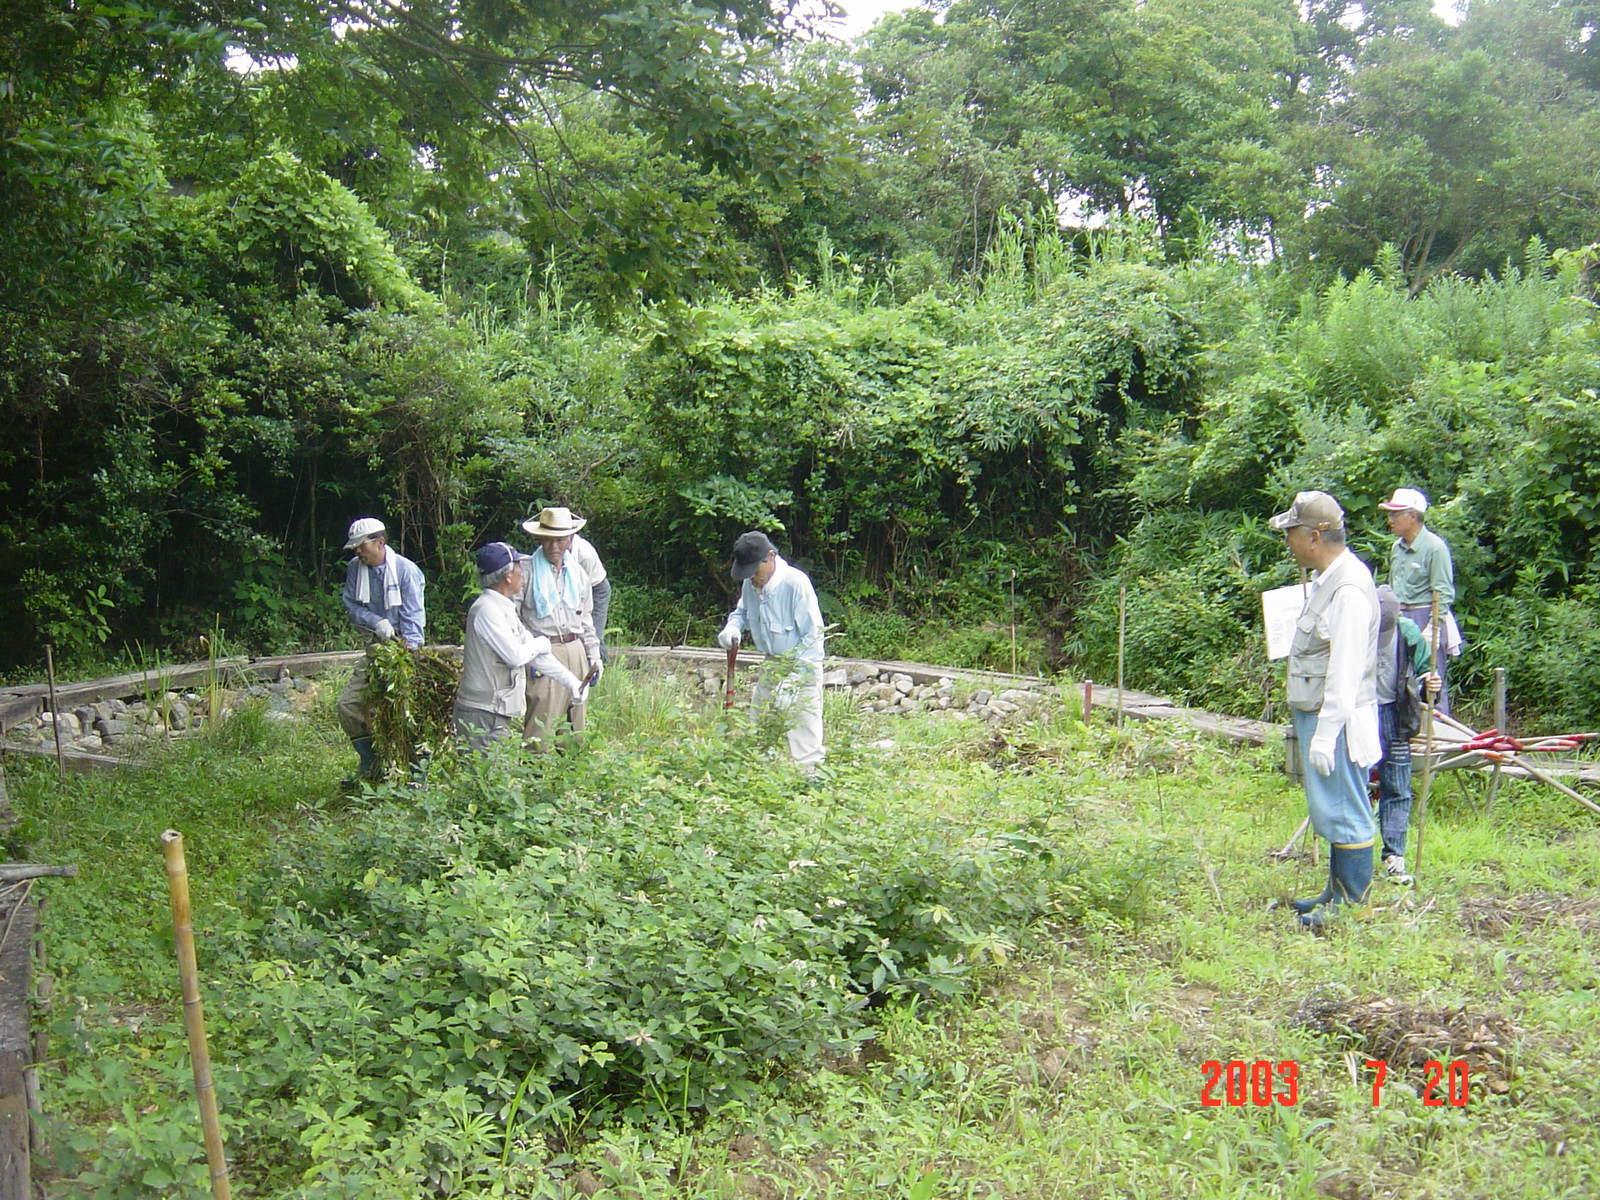 うみべの森の歴史⑭「2003年7月の活動」_c0108460_12422727.jpg